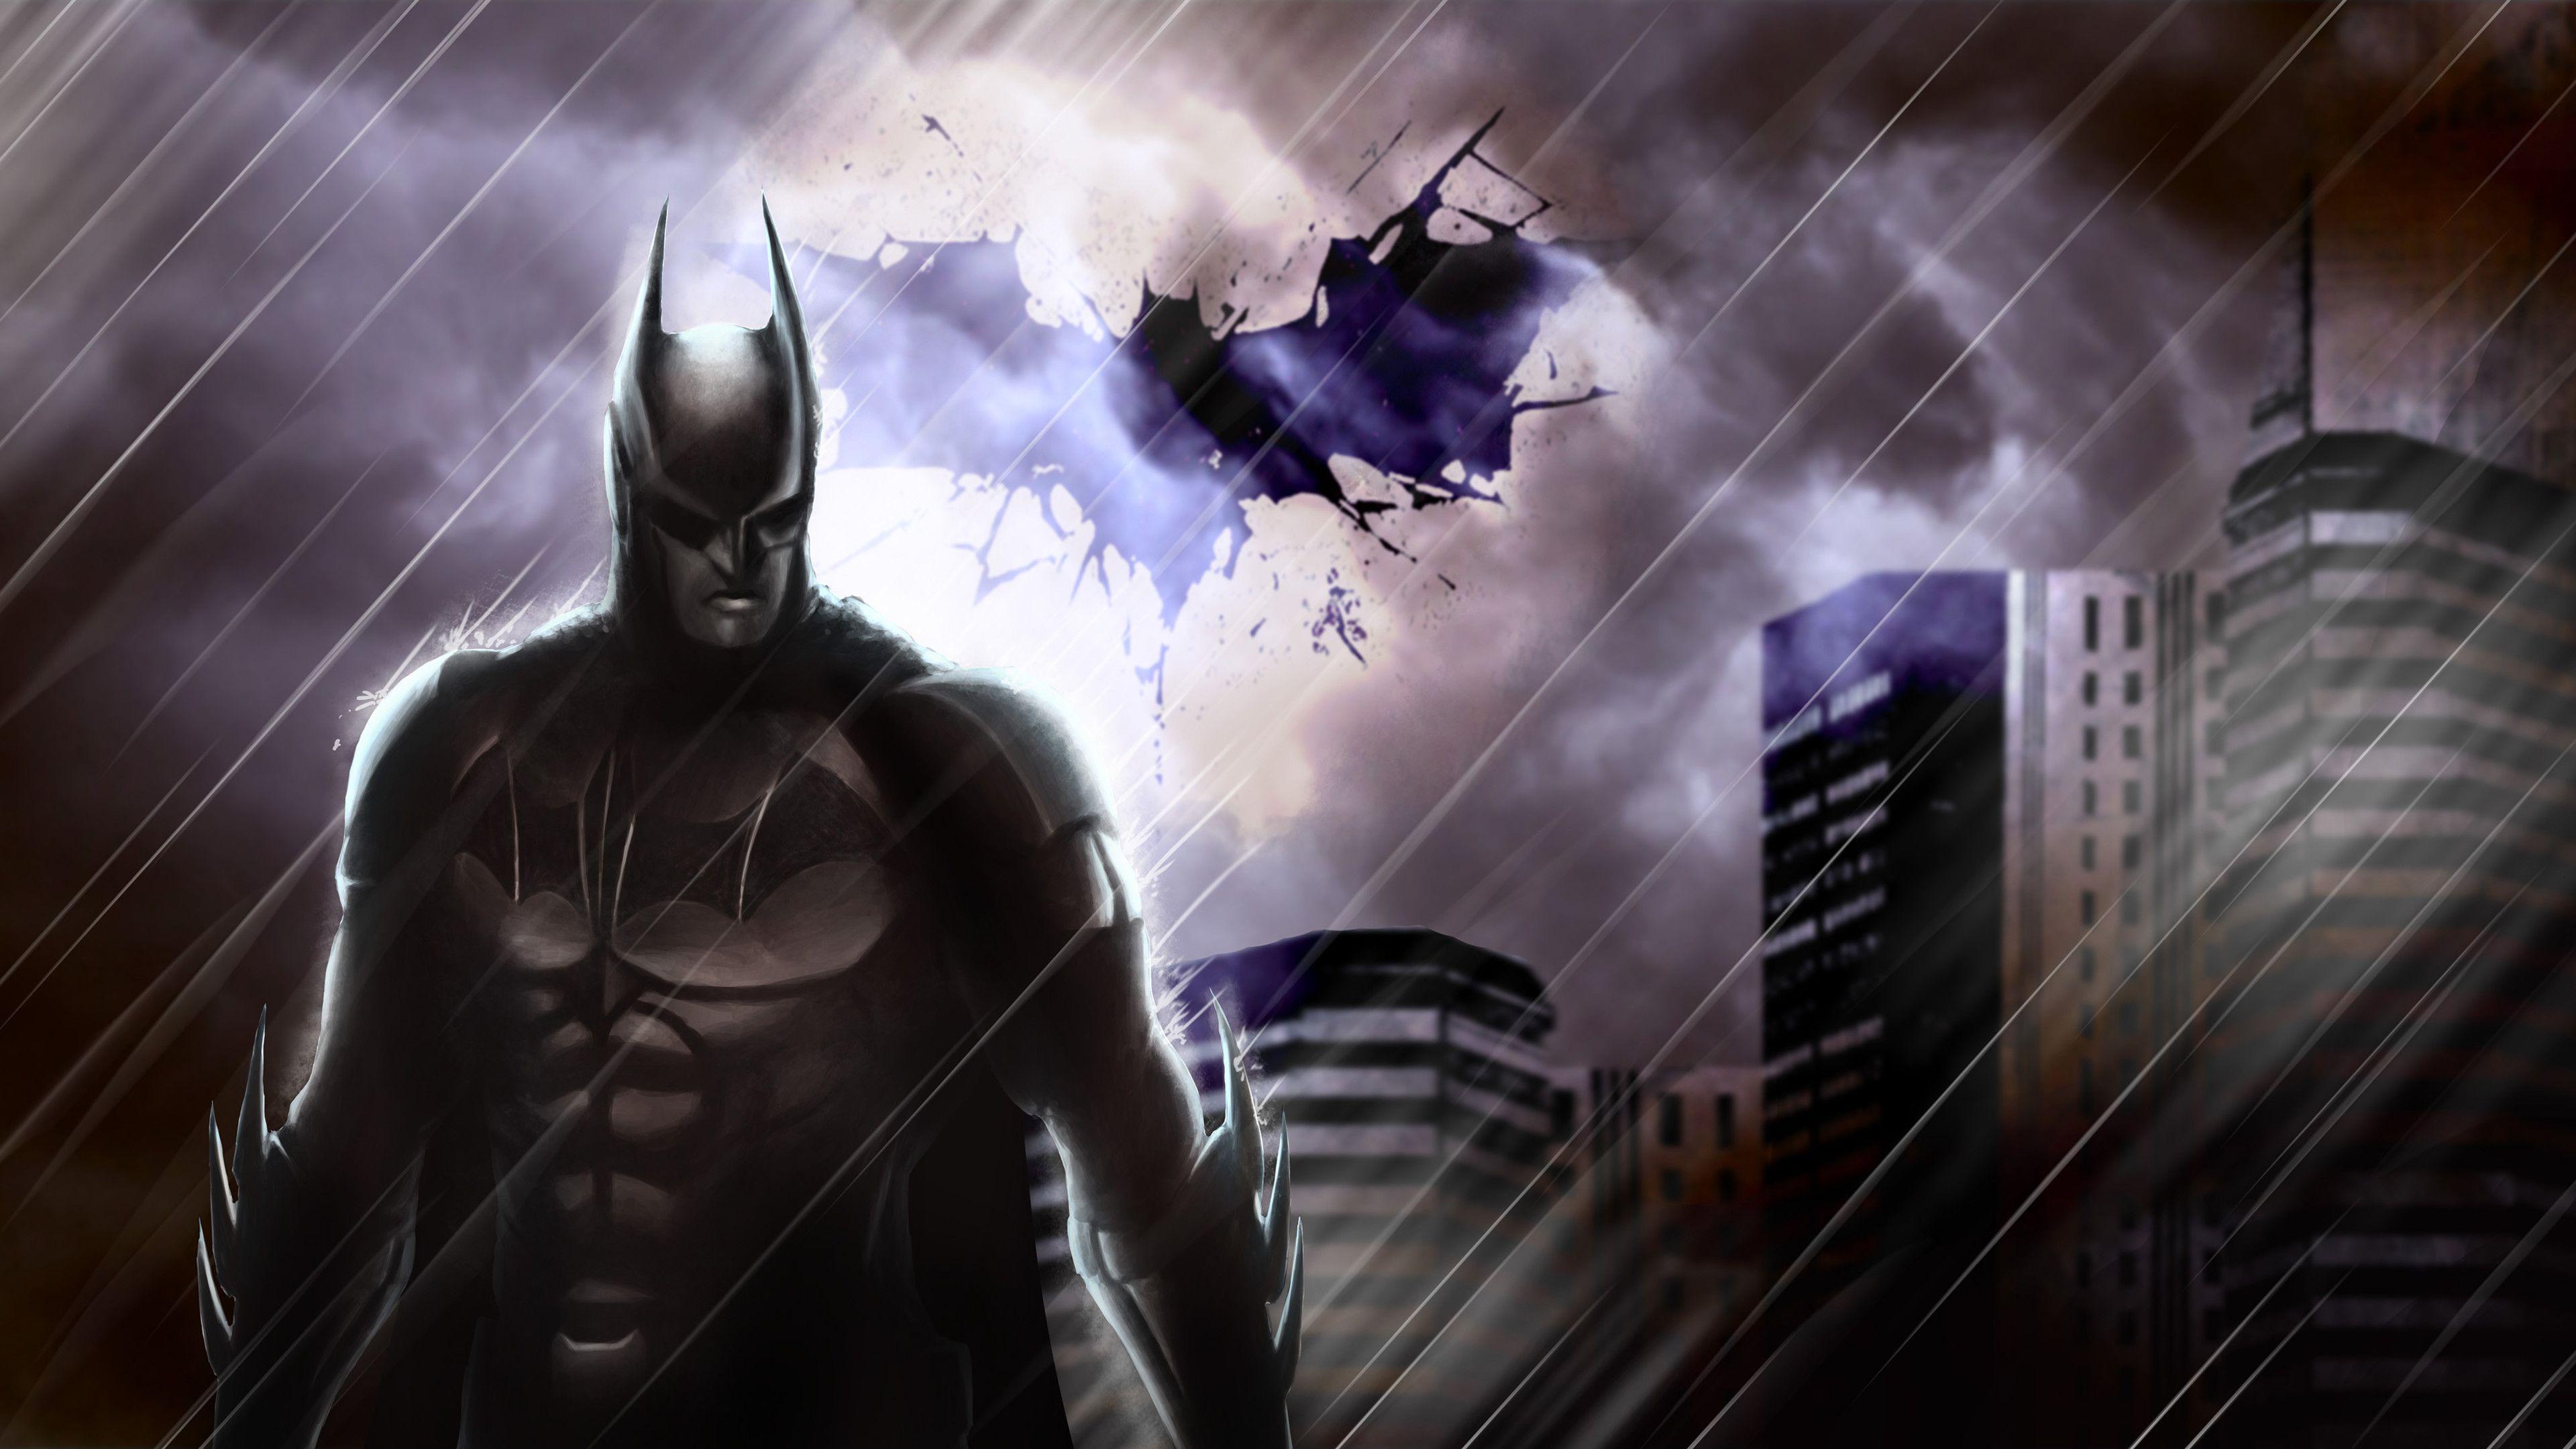 Wallpaper 4k Batman In The Rain 4k 4kwallpapers, artwork